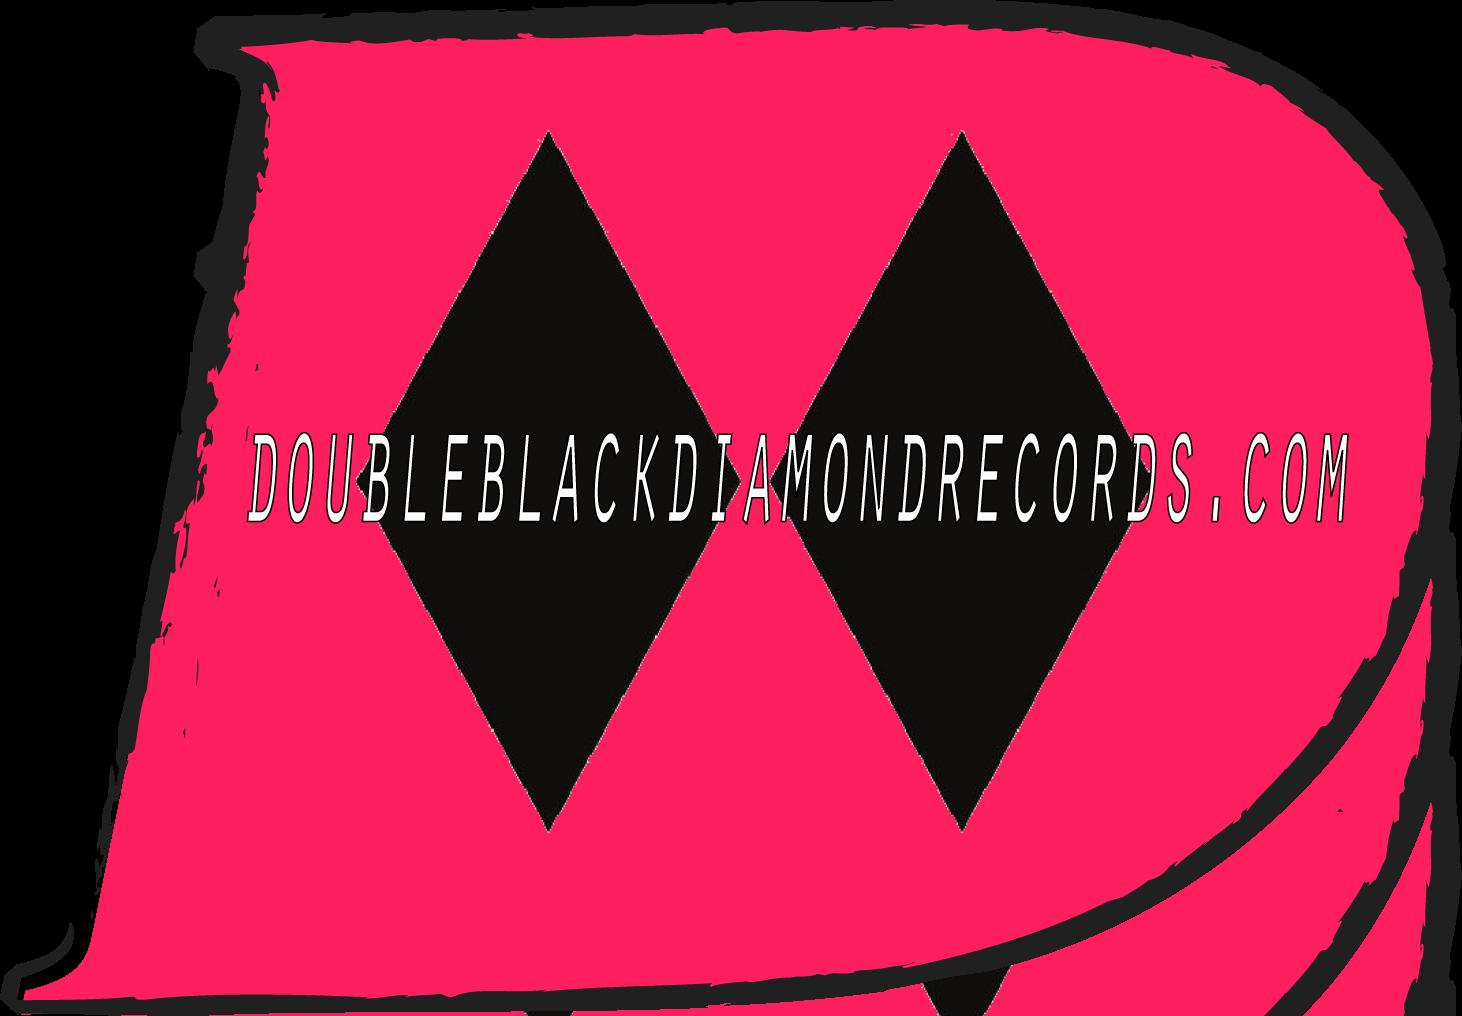 doubleblackdiamondbanner